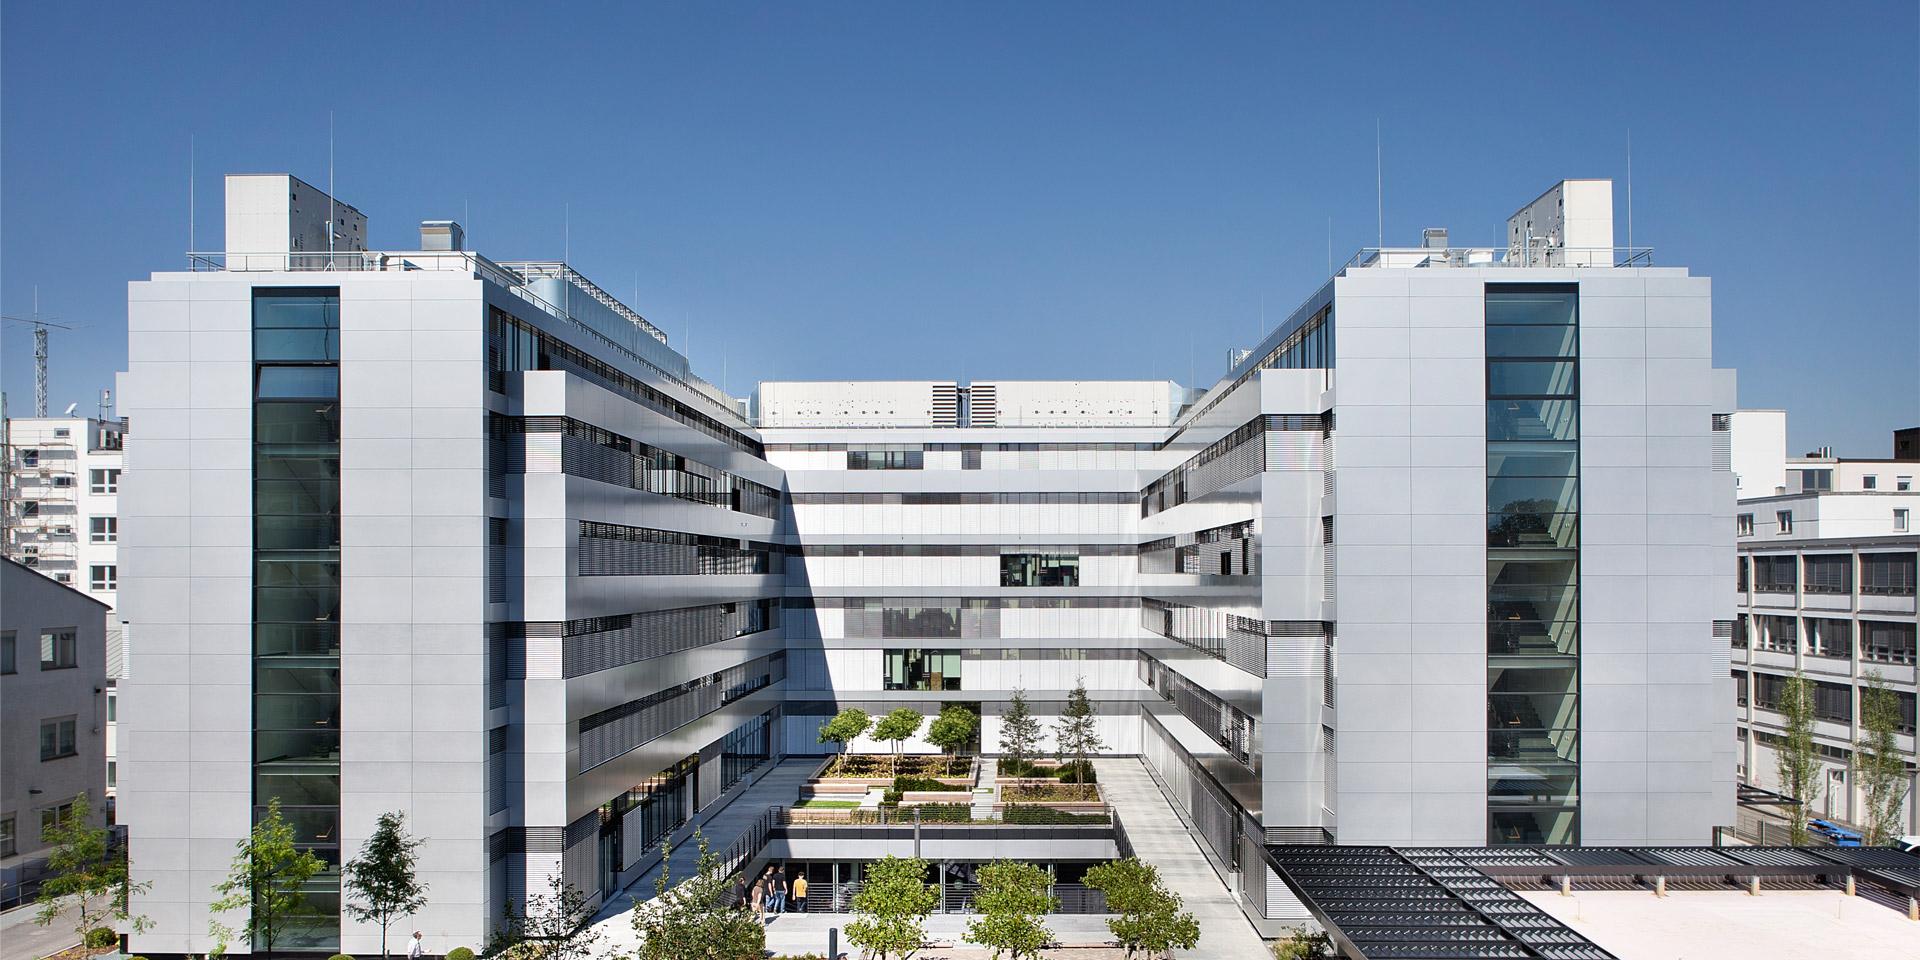 Referenz Entwicklergebäude MÜ15 vom Kommunikationstechnologie-Konzern Rohde & Schwarz in München.